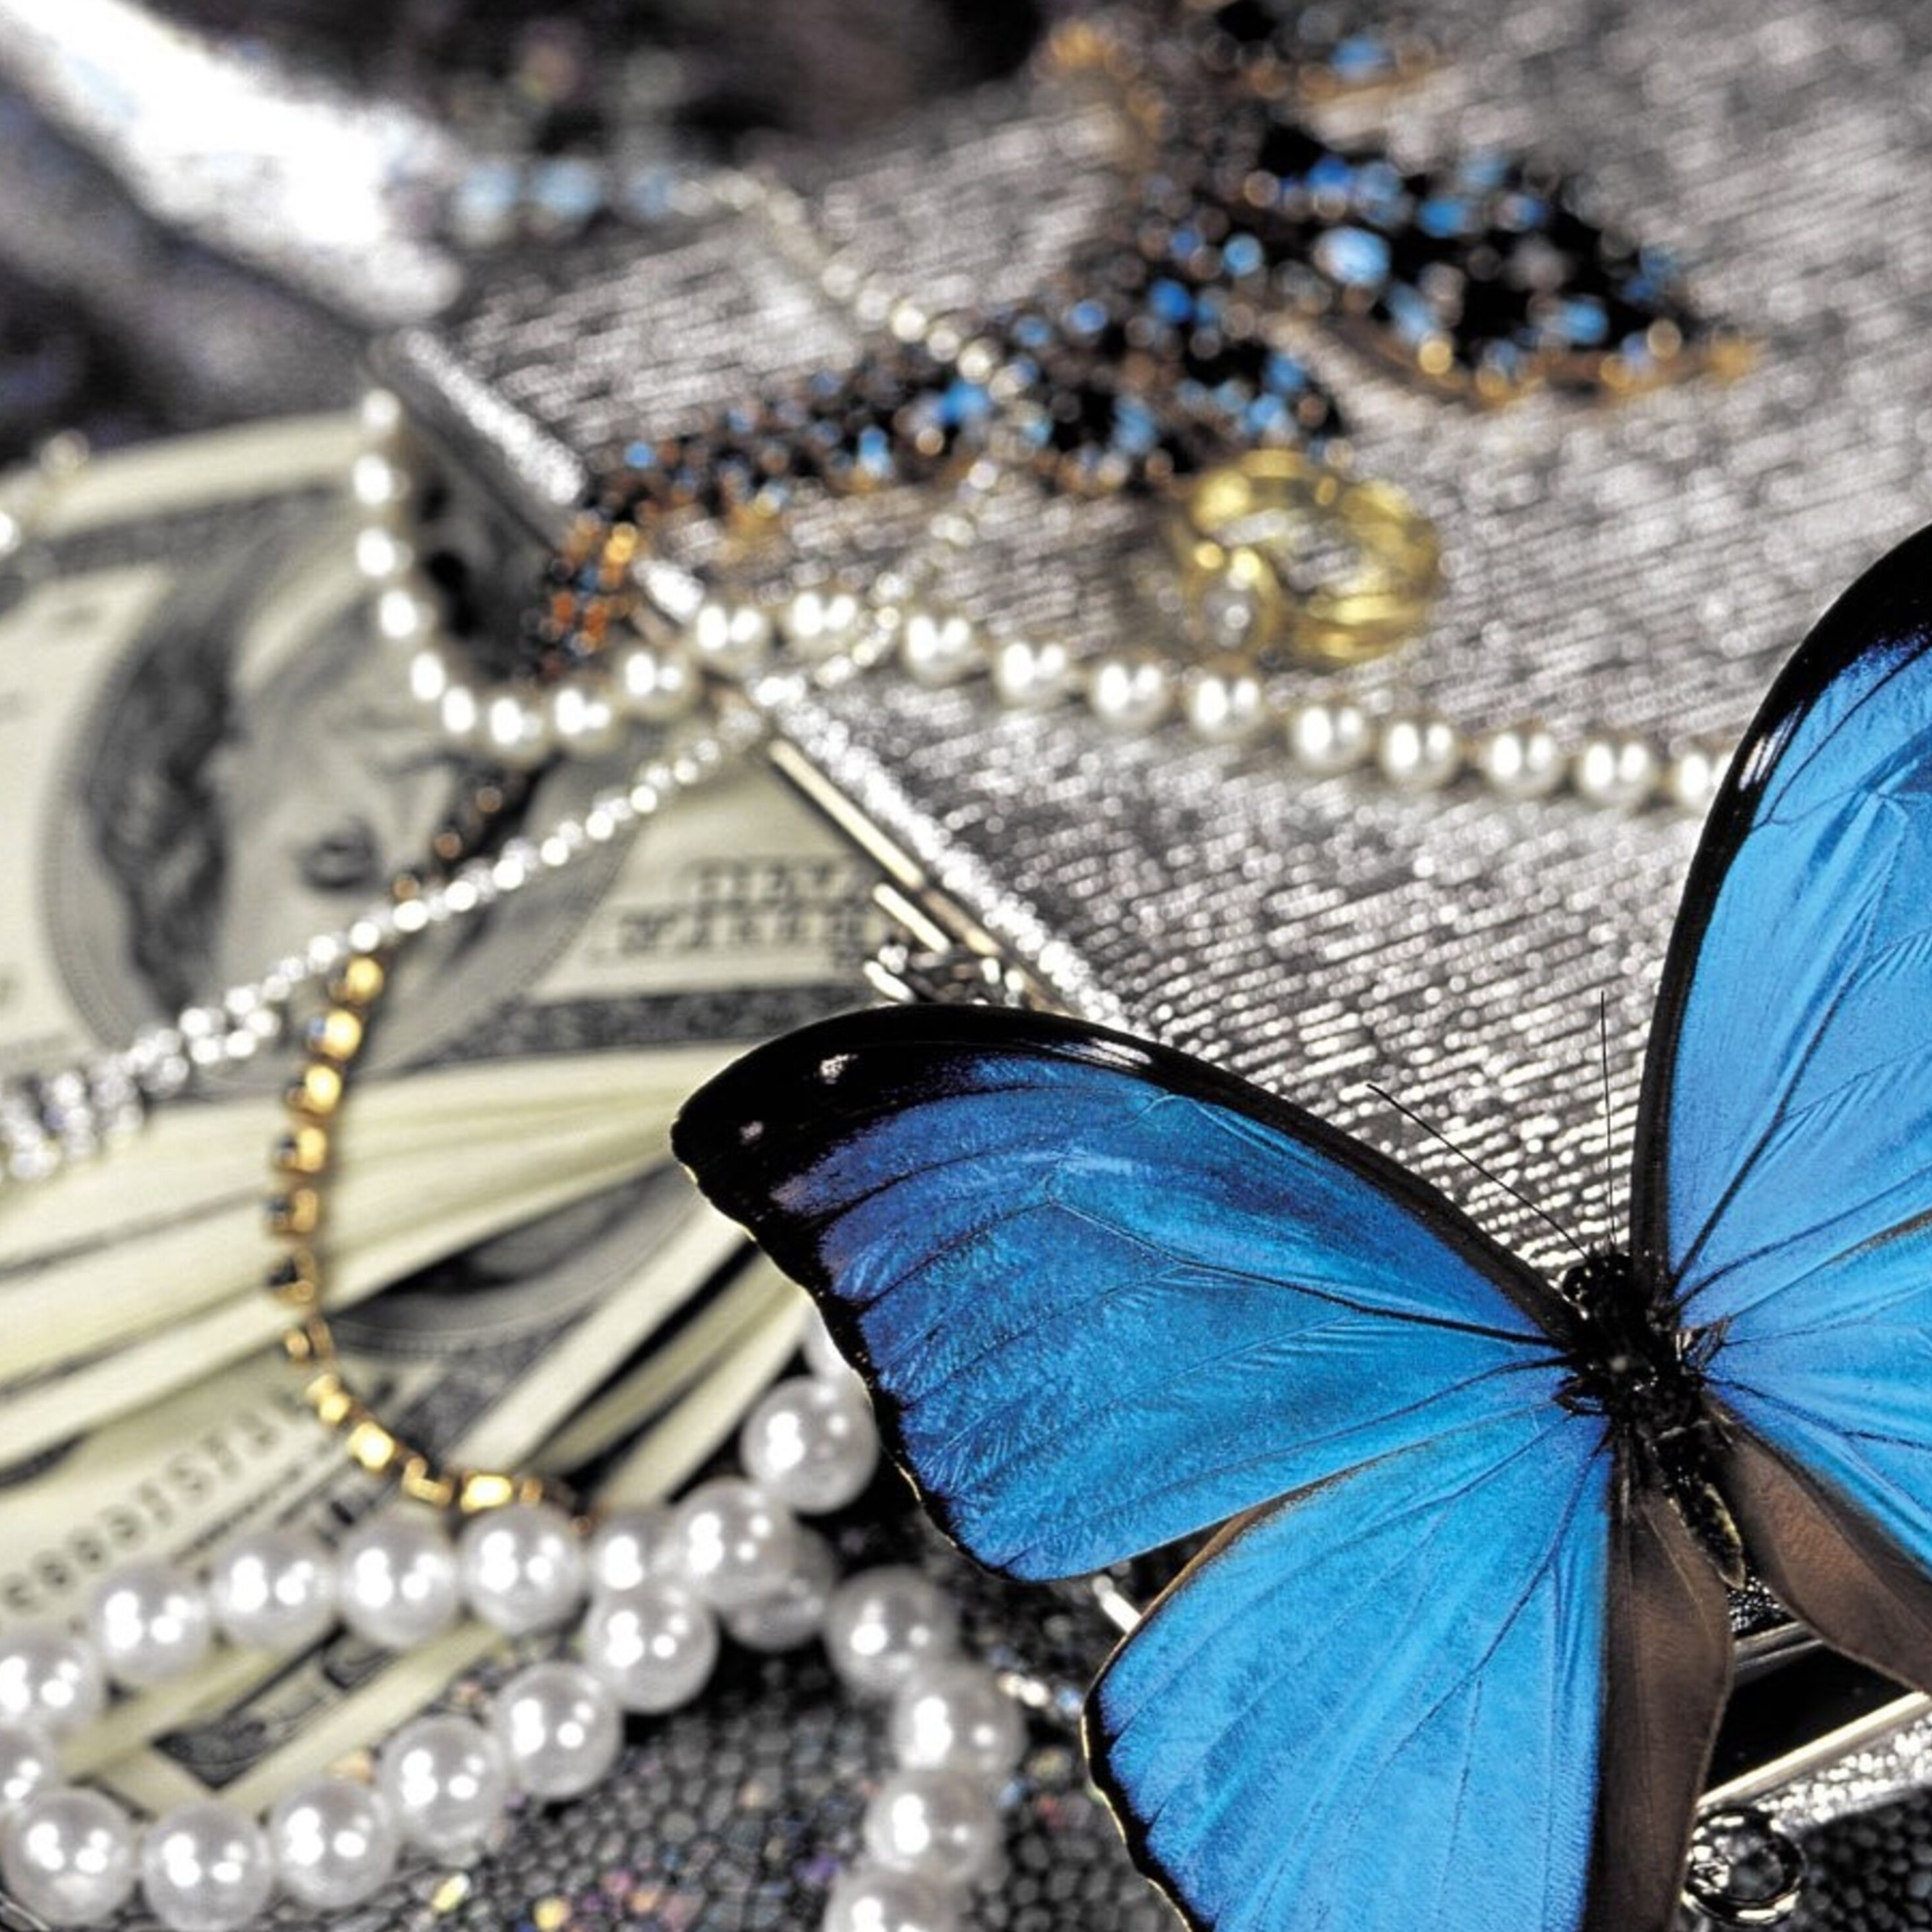 2932x2932 Blue Butterfly On Pearls Ipad Pro Retina Display